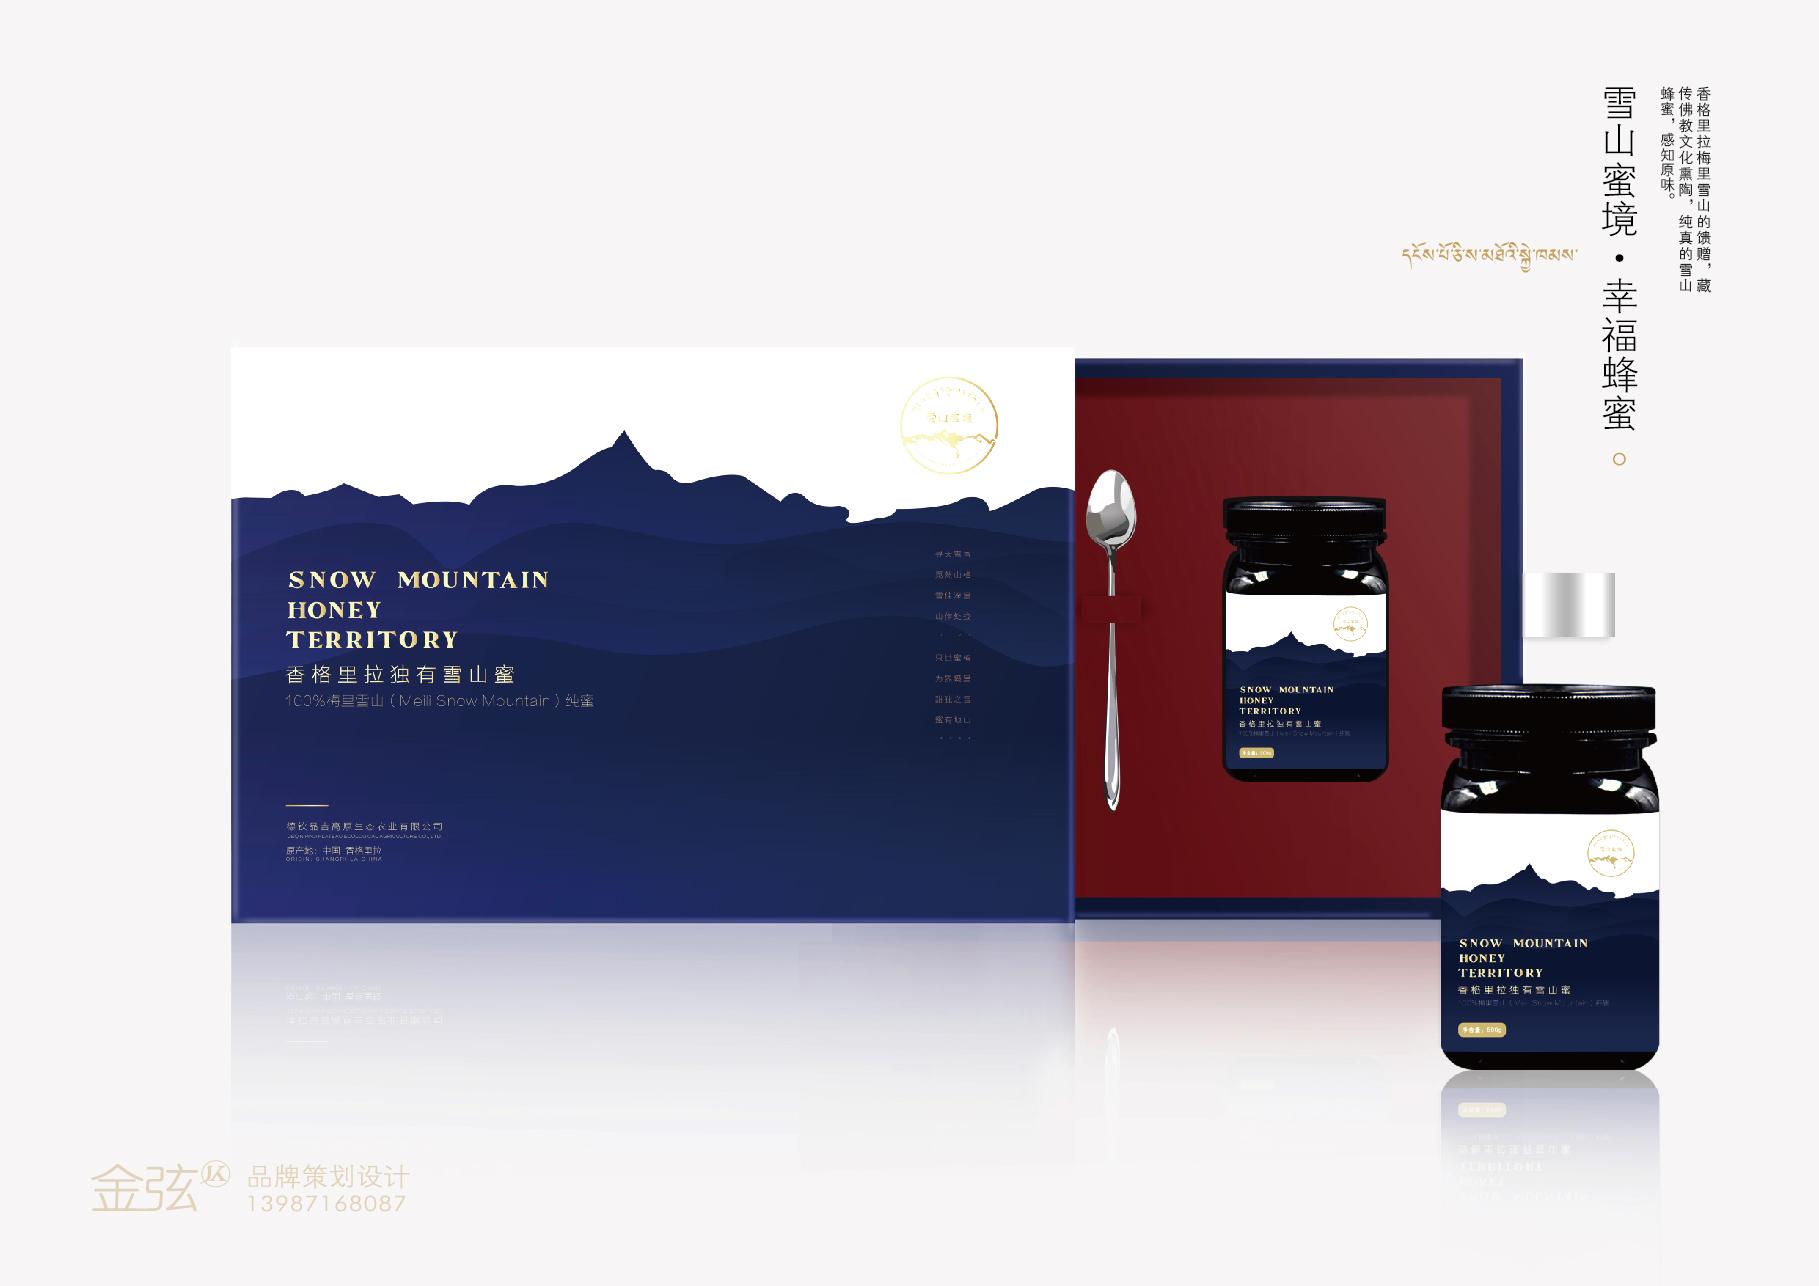 品吉 雪山蜜境幸福蜂蜜包装展示 包装设计 客户资料  第4张